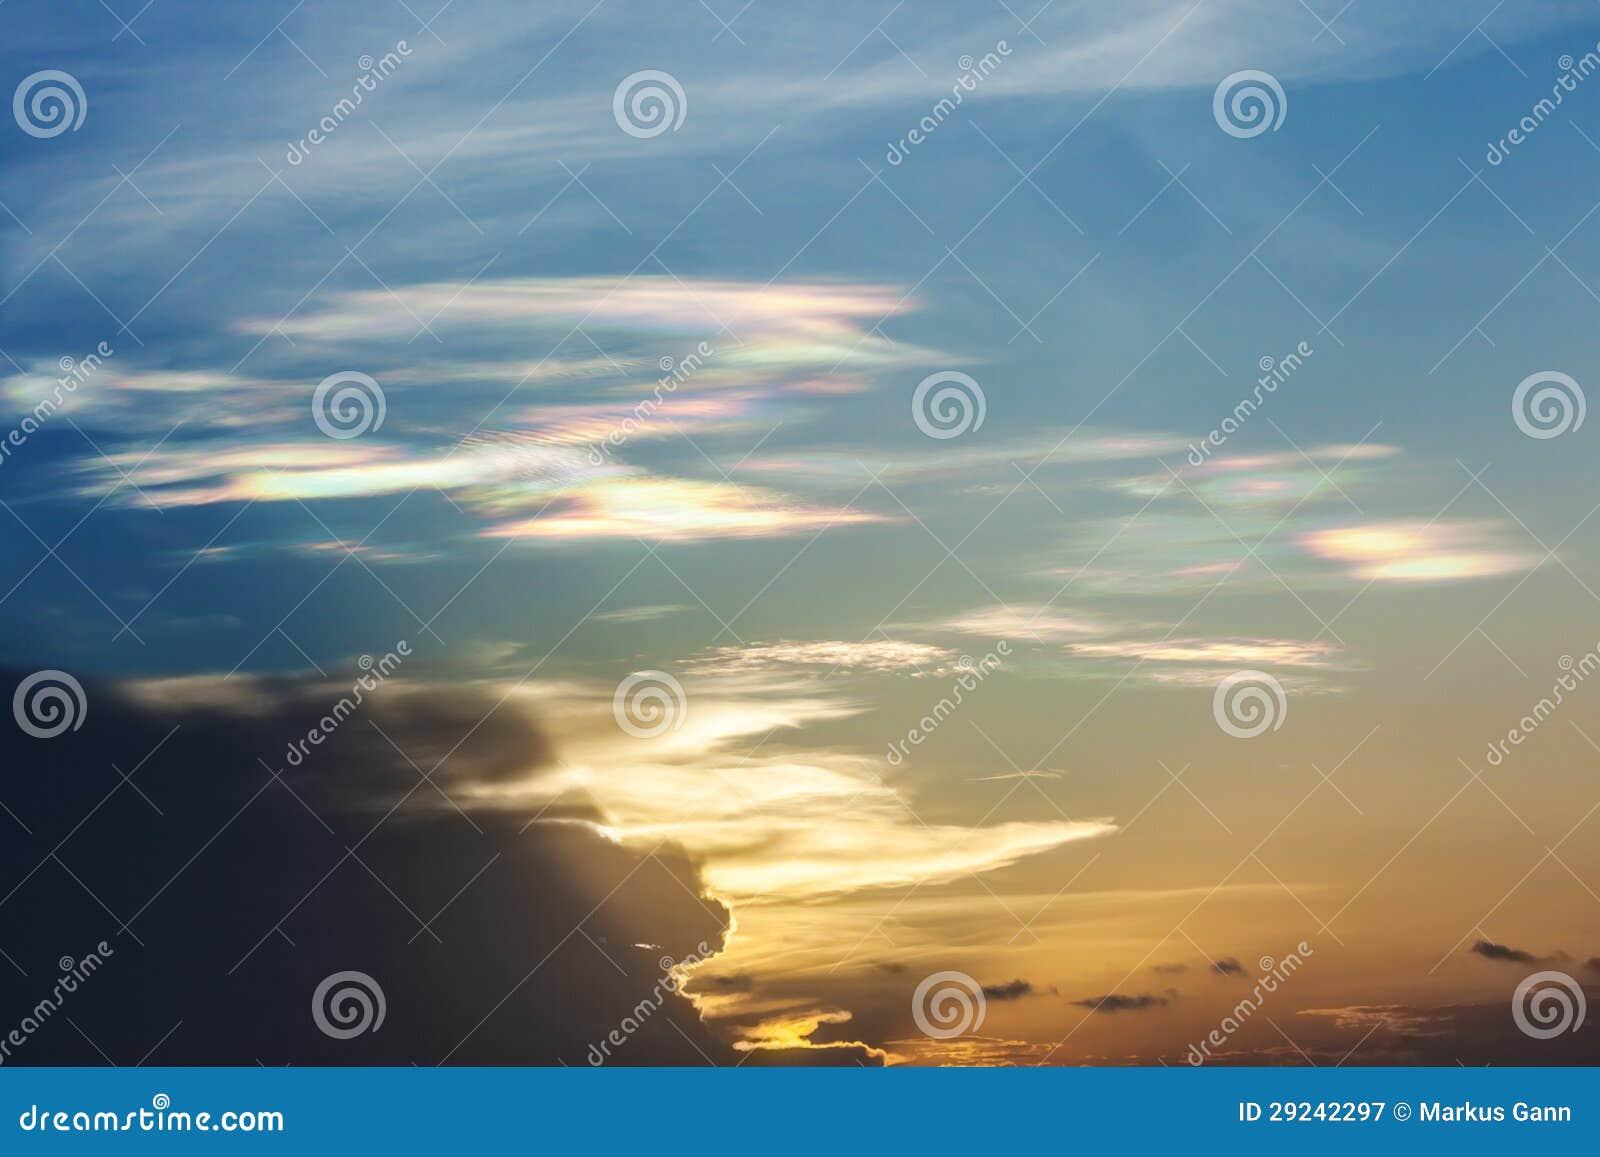 Download Multi nuvem da cor imagem de stock. Imagem de fundo, cenário - 29242297